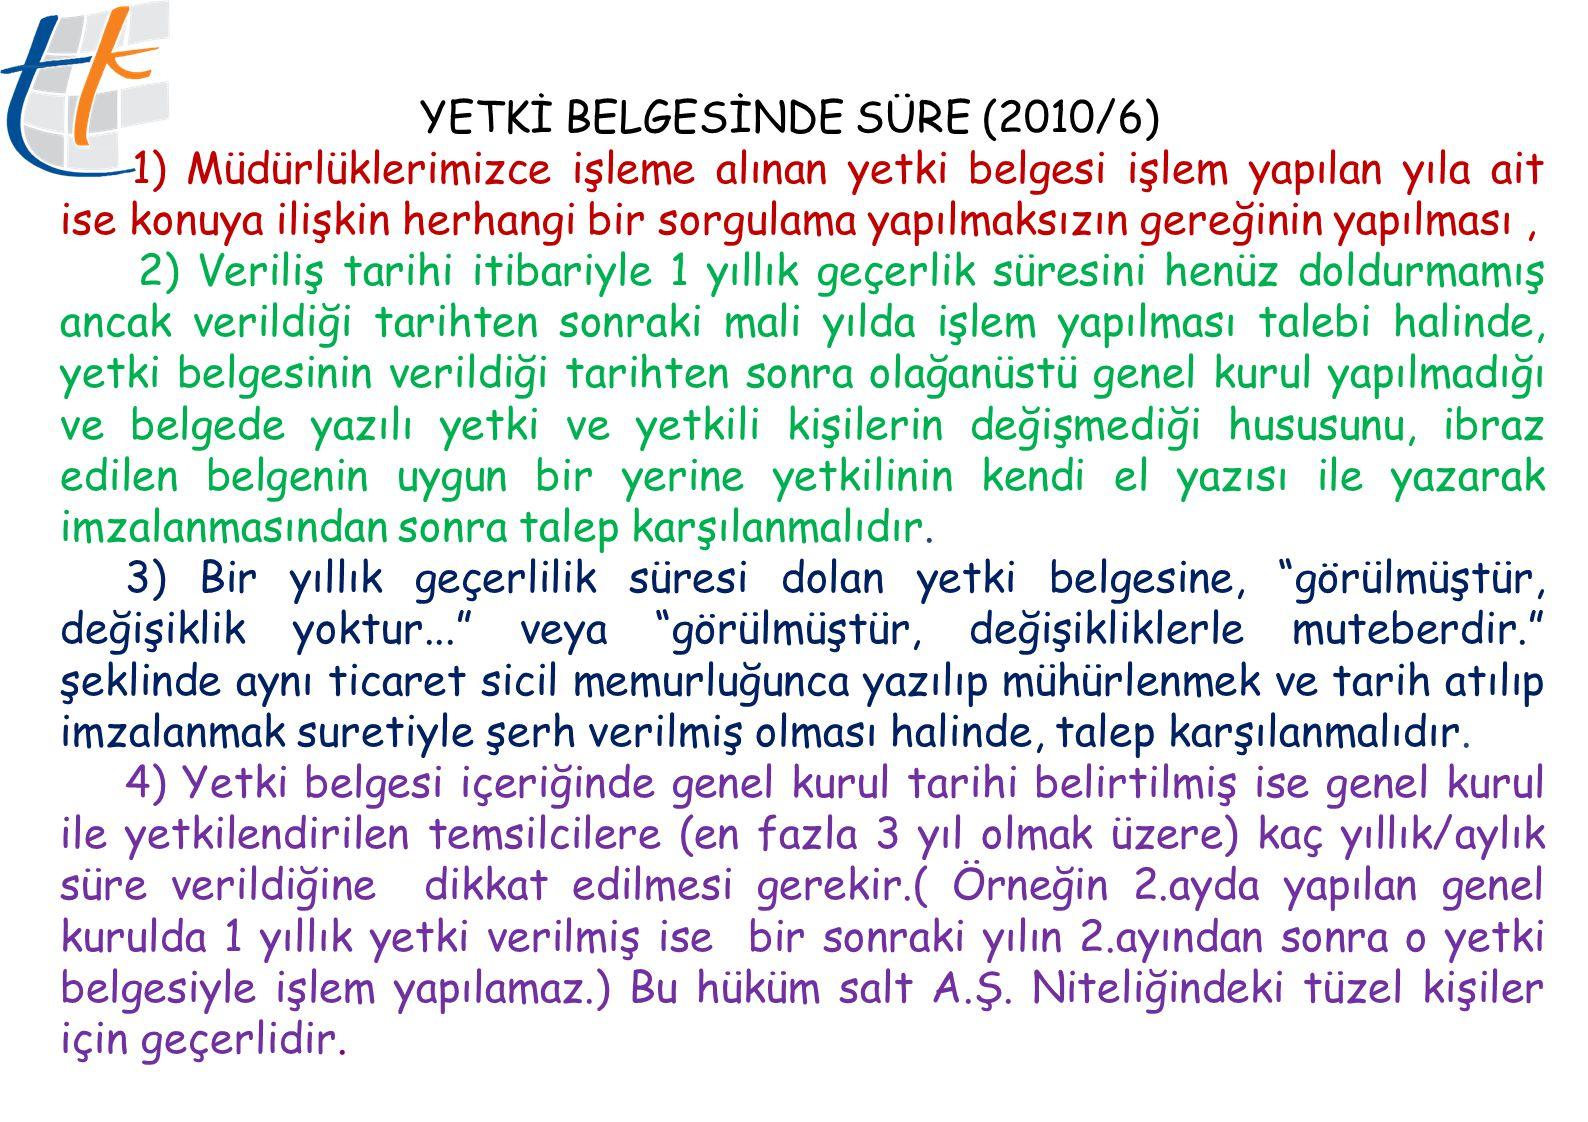 YETKİ BELGESİNDE SÜRE (2010/6)